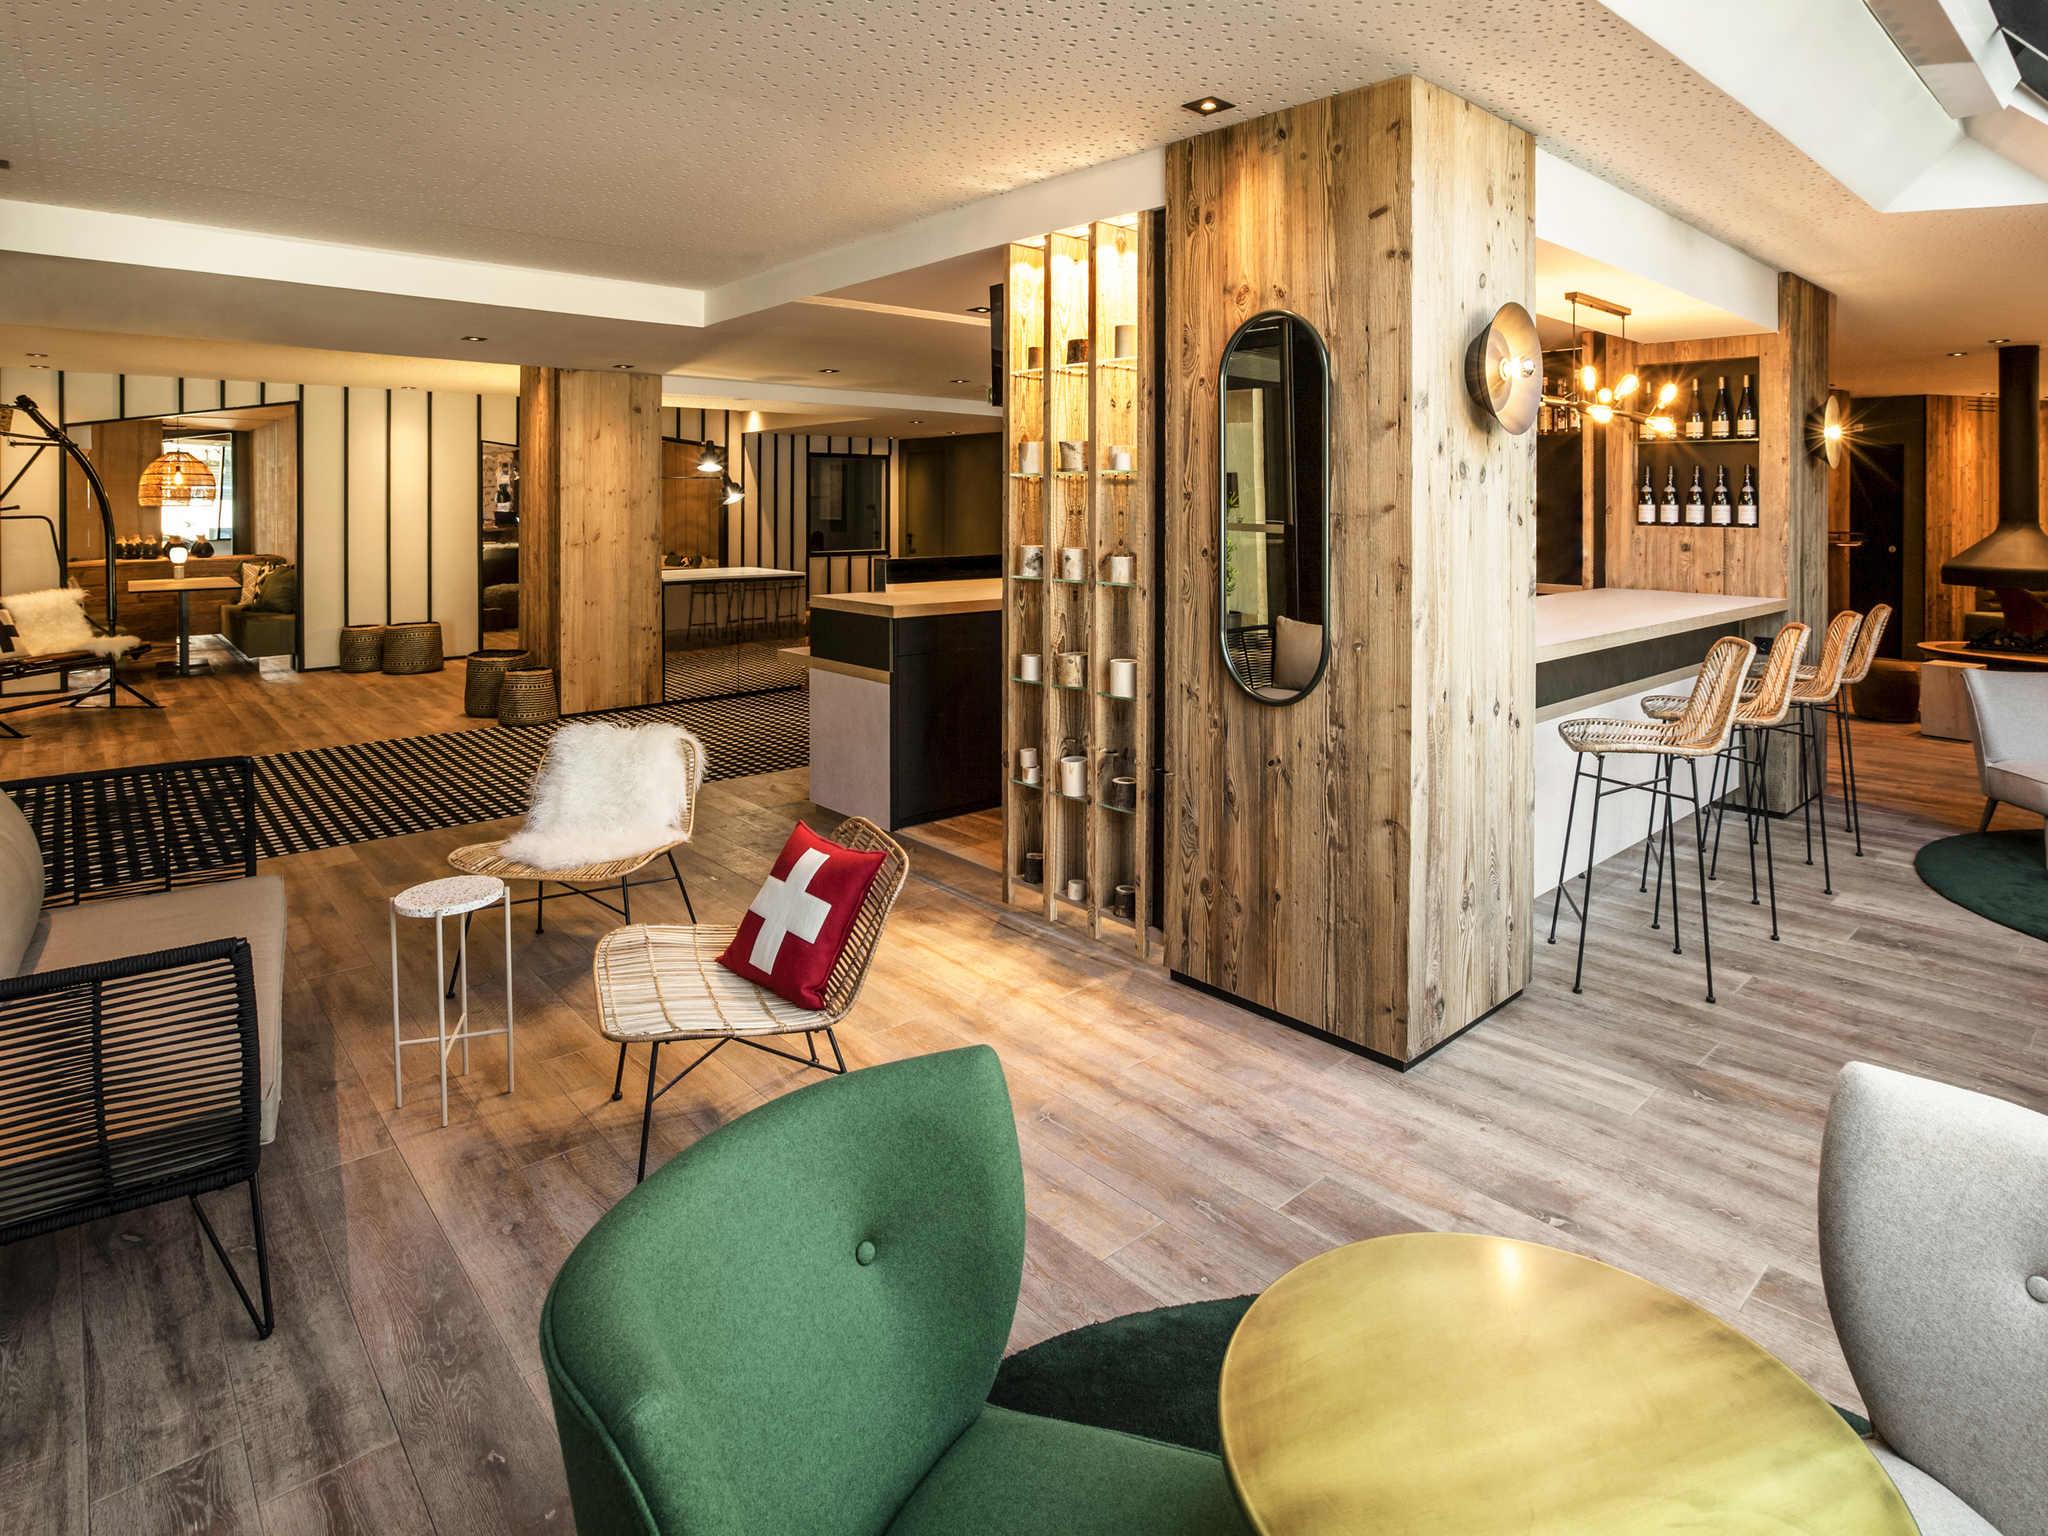 Hotel – Hotel Mercure Chambery Centro